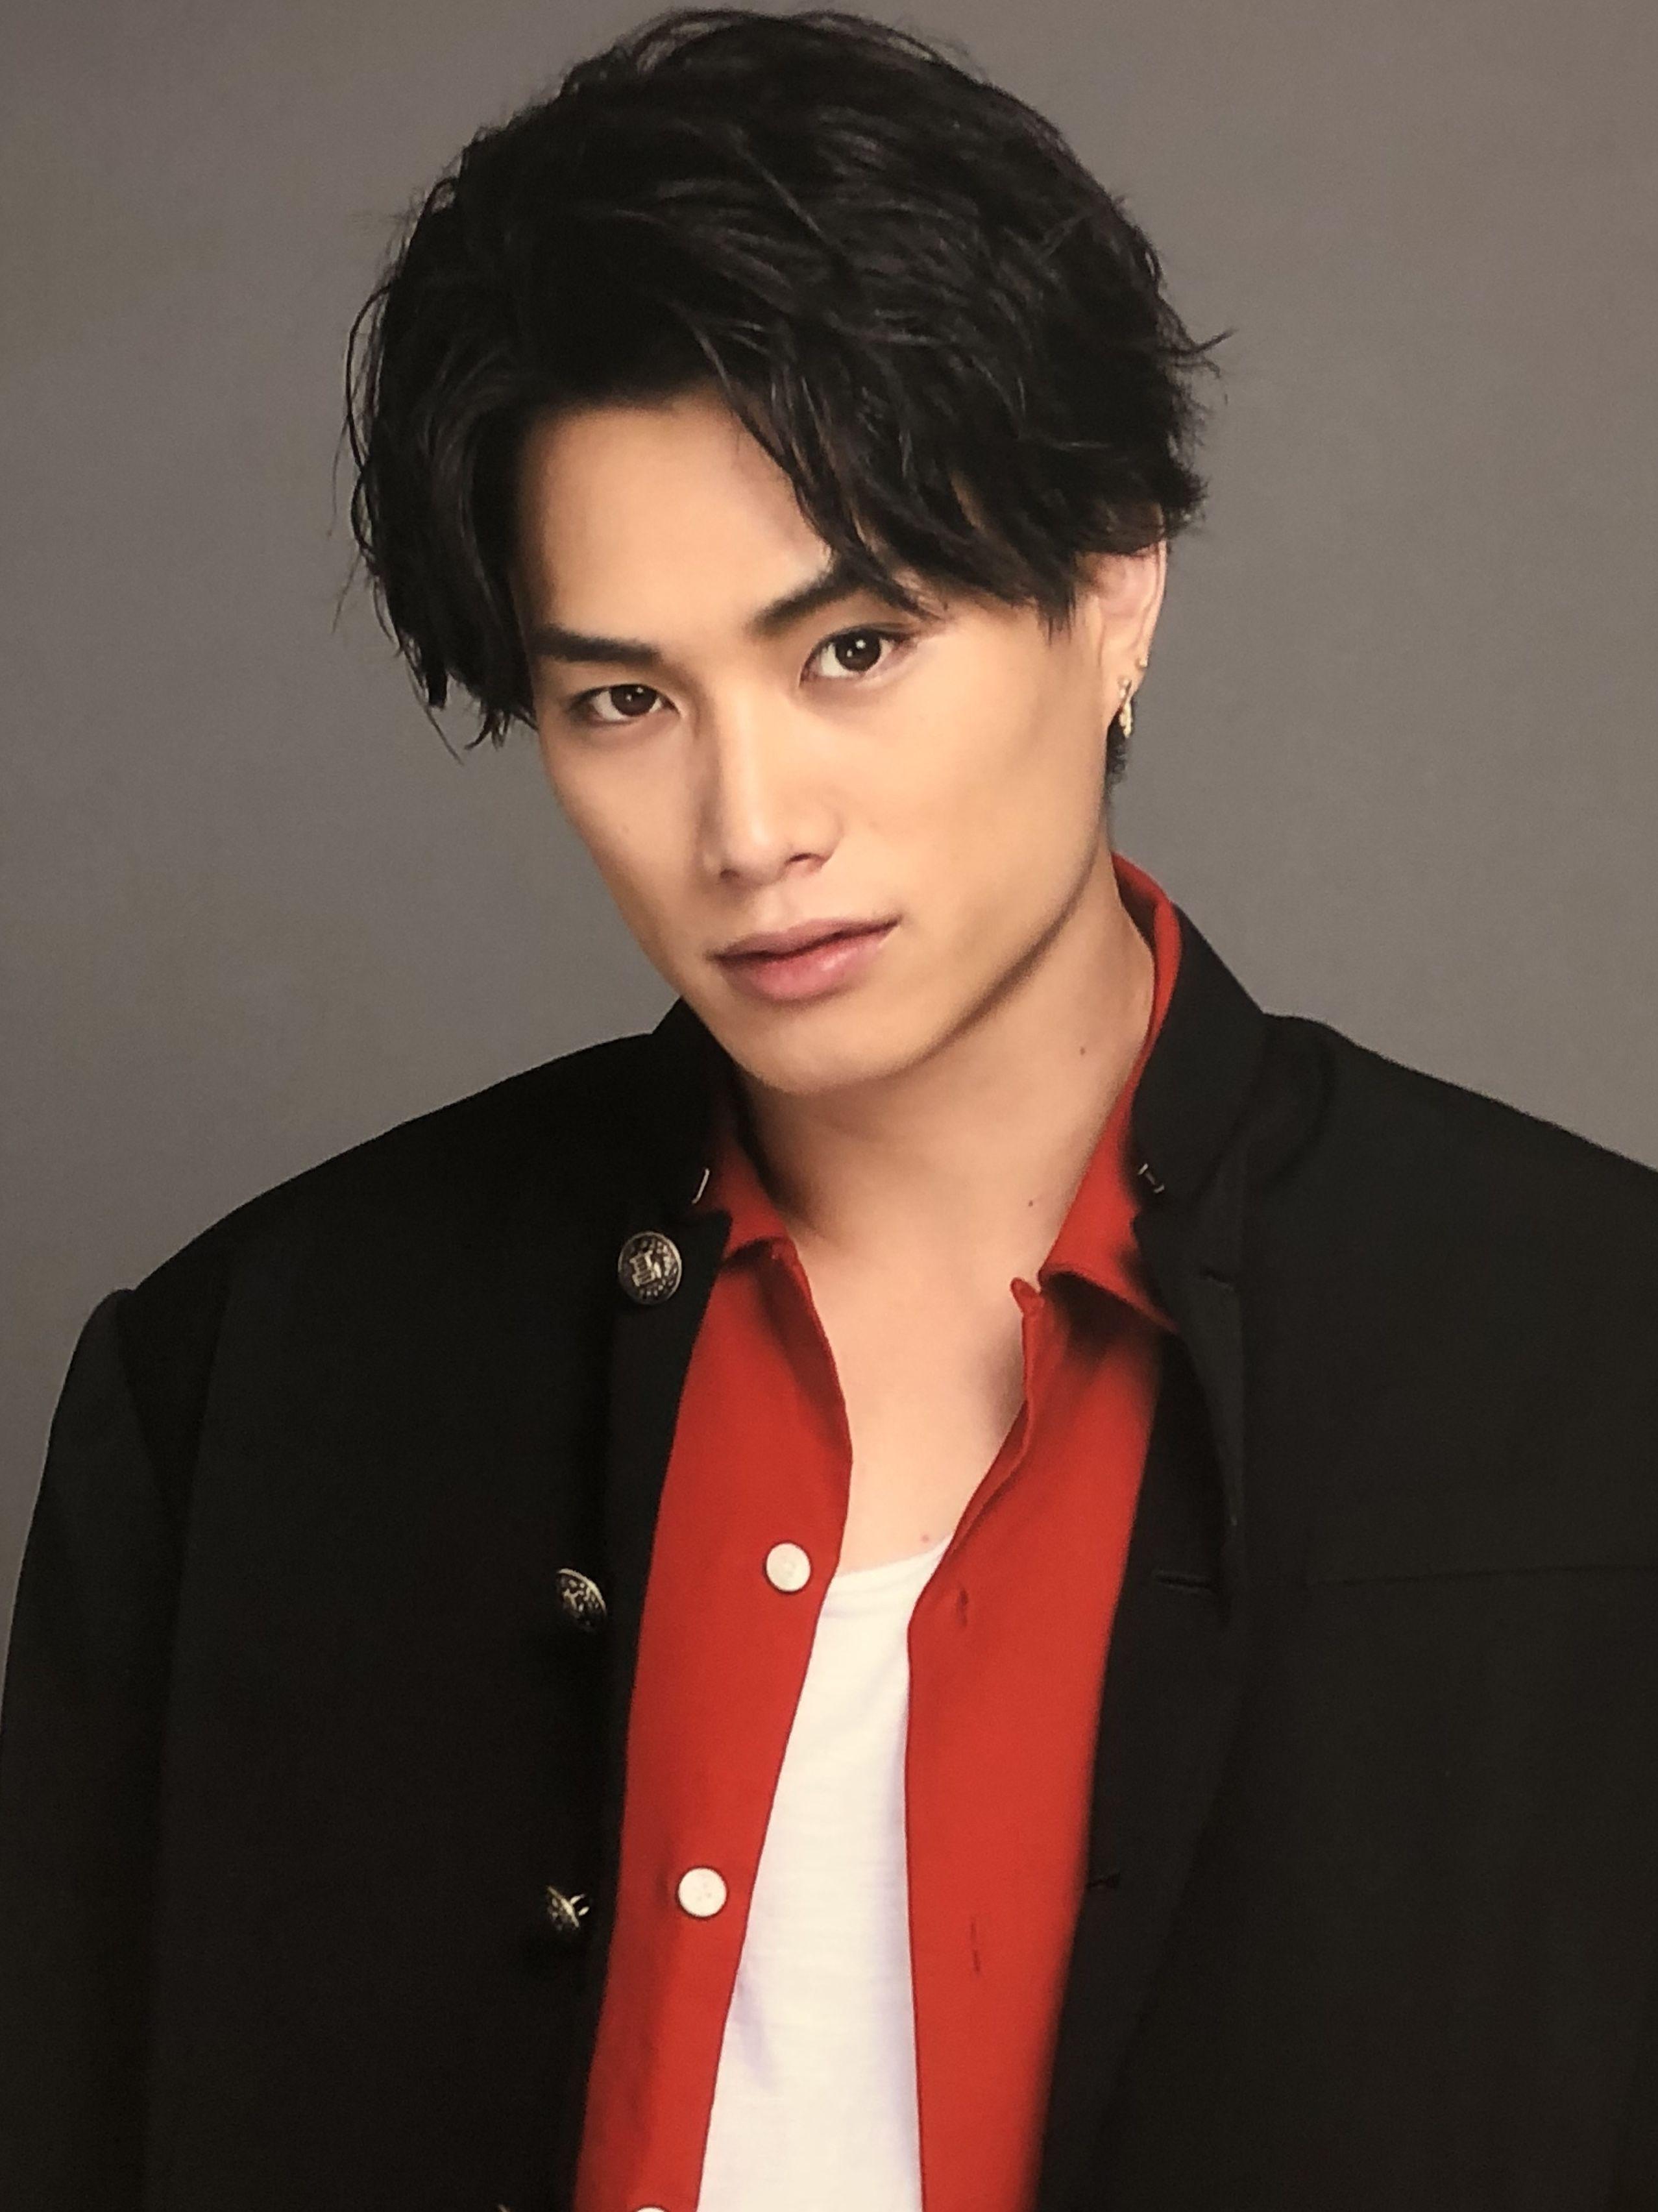 鈴木伸之 劇団exile Prince Of Legend 鈴木伸之 メンズ スタイル かっこいい髪型